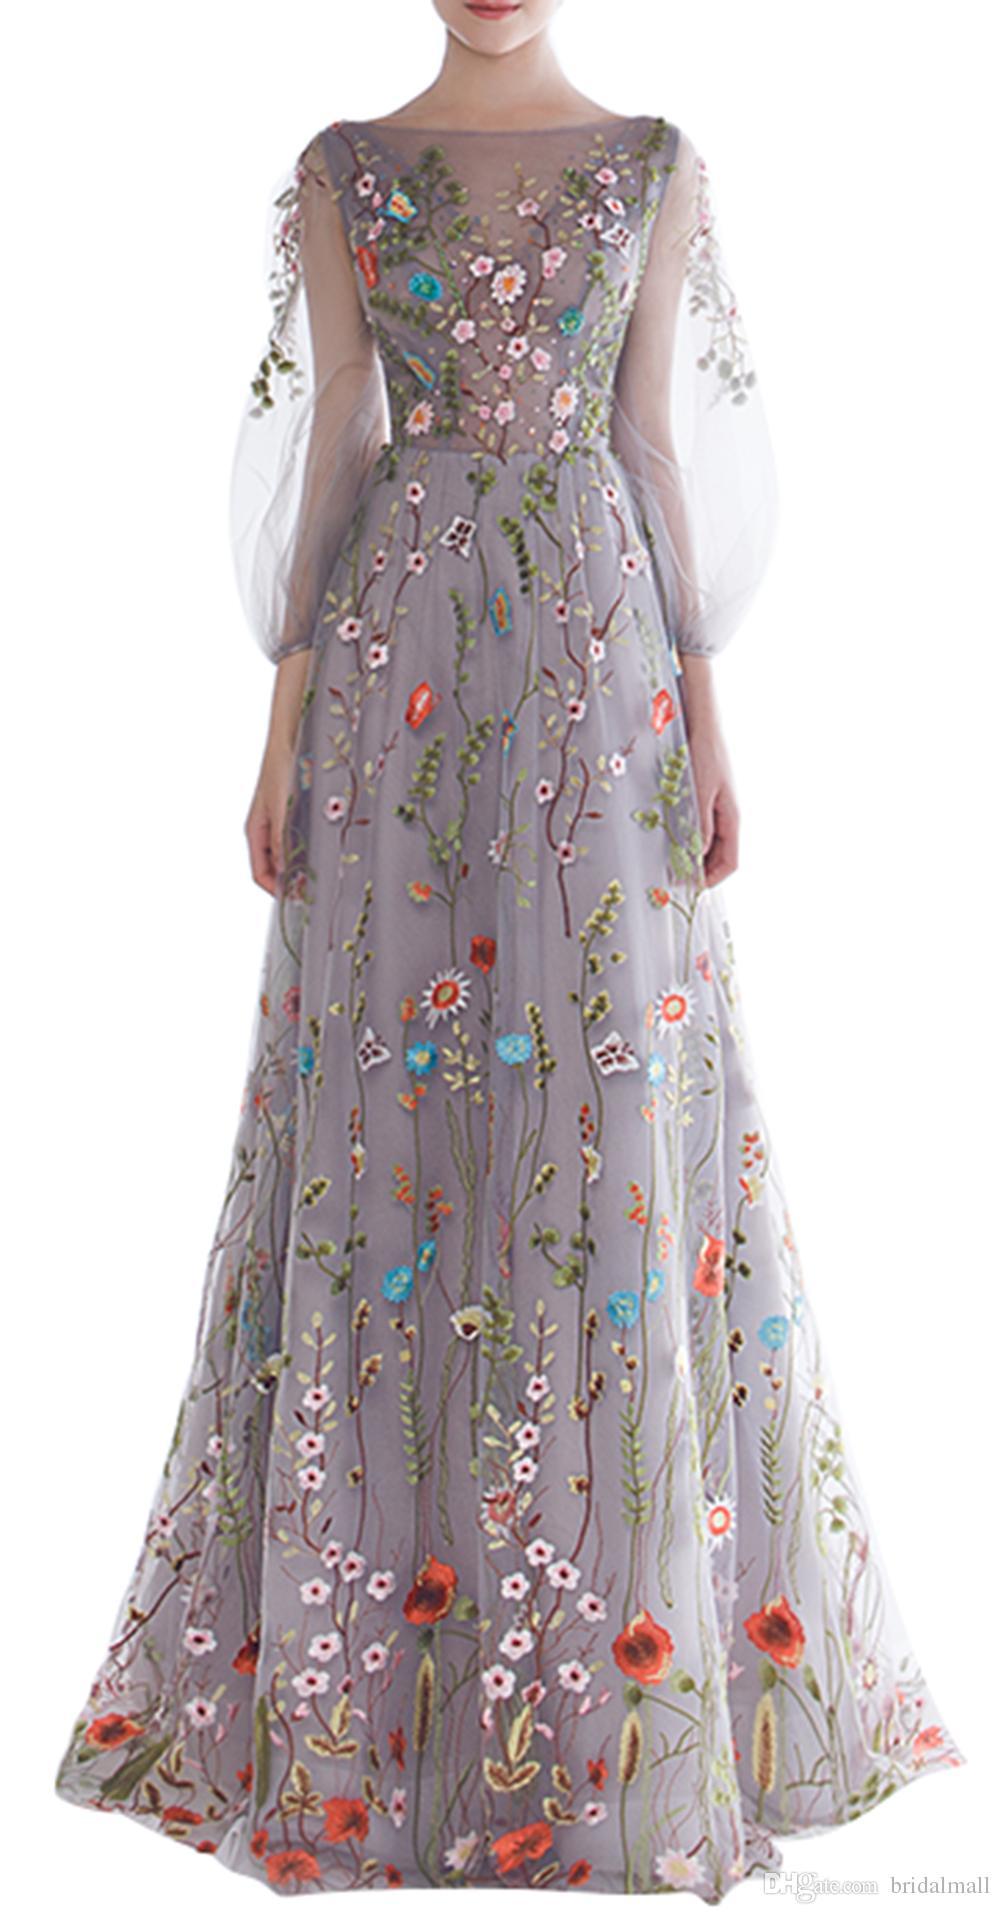 Dobelove Femmes manches longues robes de bal de bal 2019 branchement floral broderie A-ligne robes de soirée robes de guiche de fête formelle robe de pageant